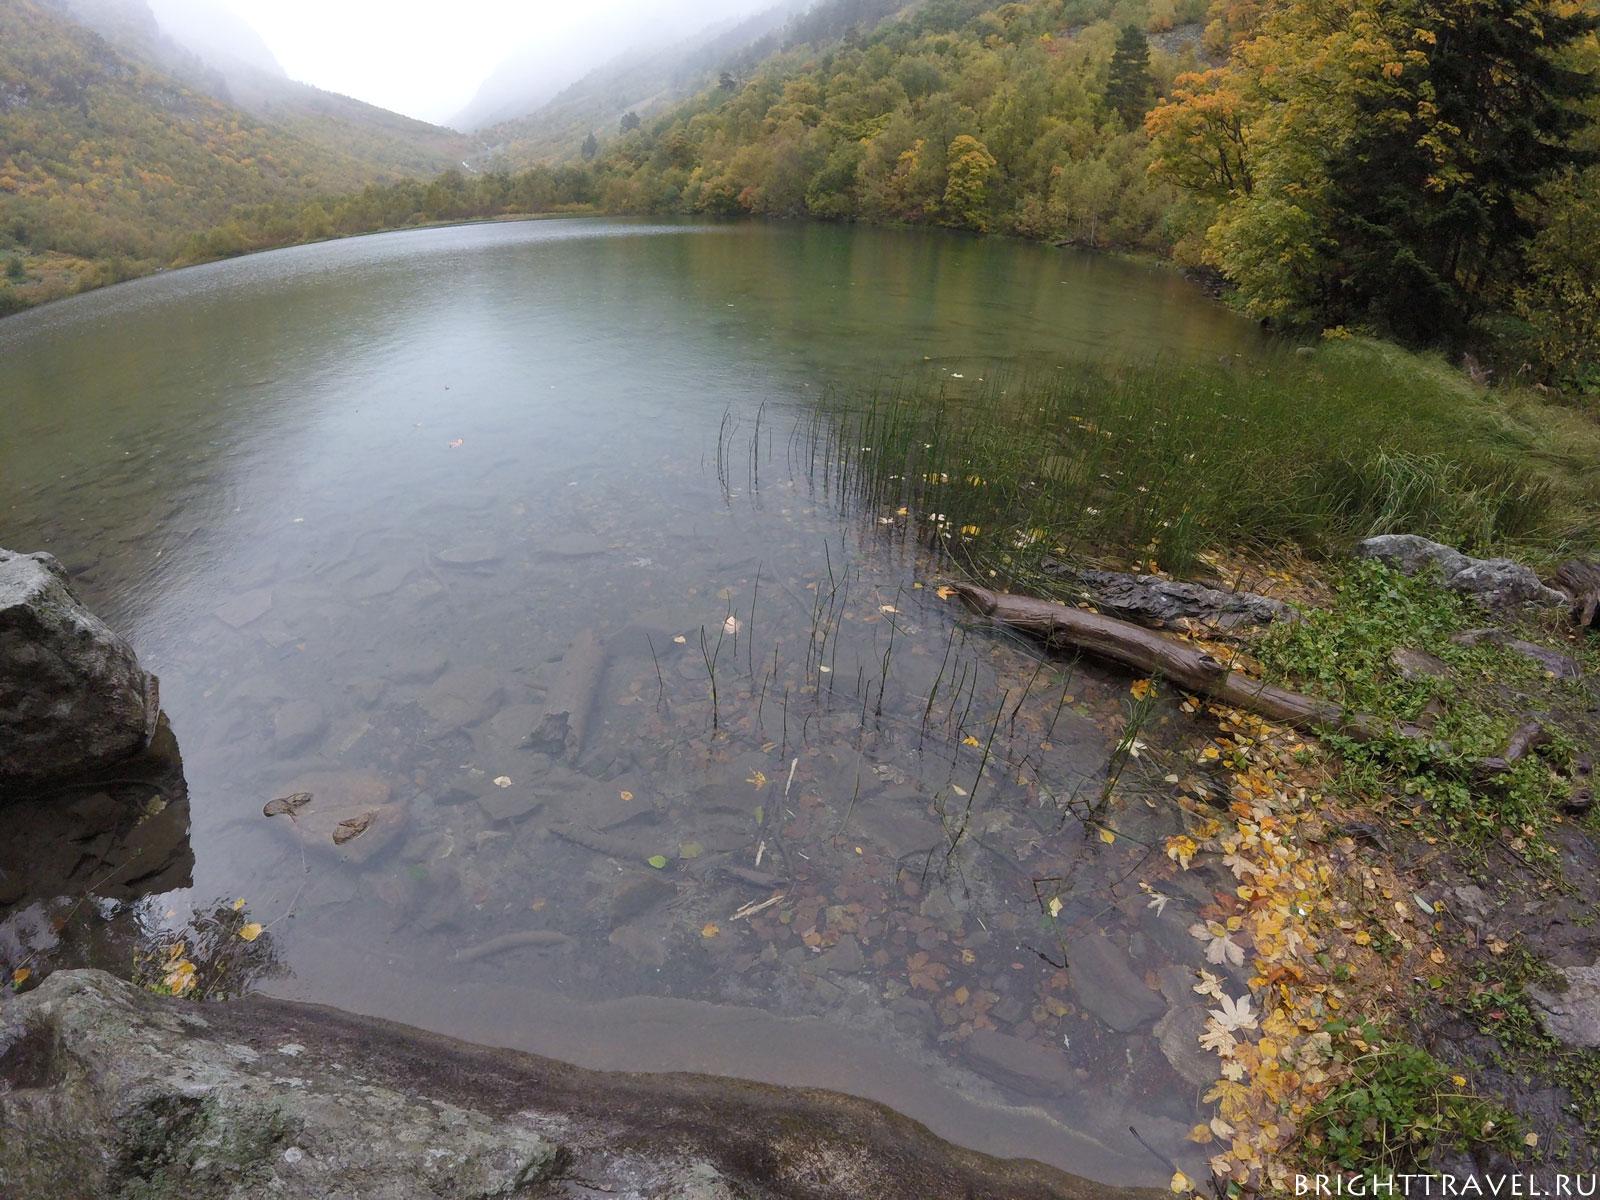 Чистейшая вода в бадукском озере